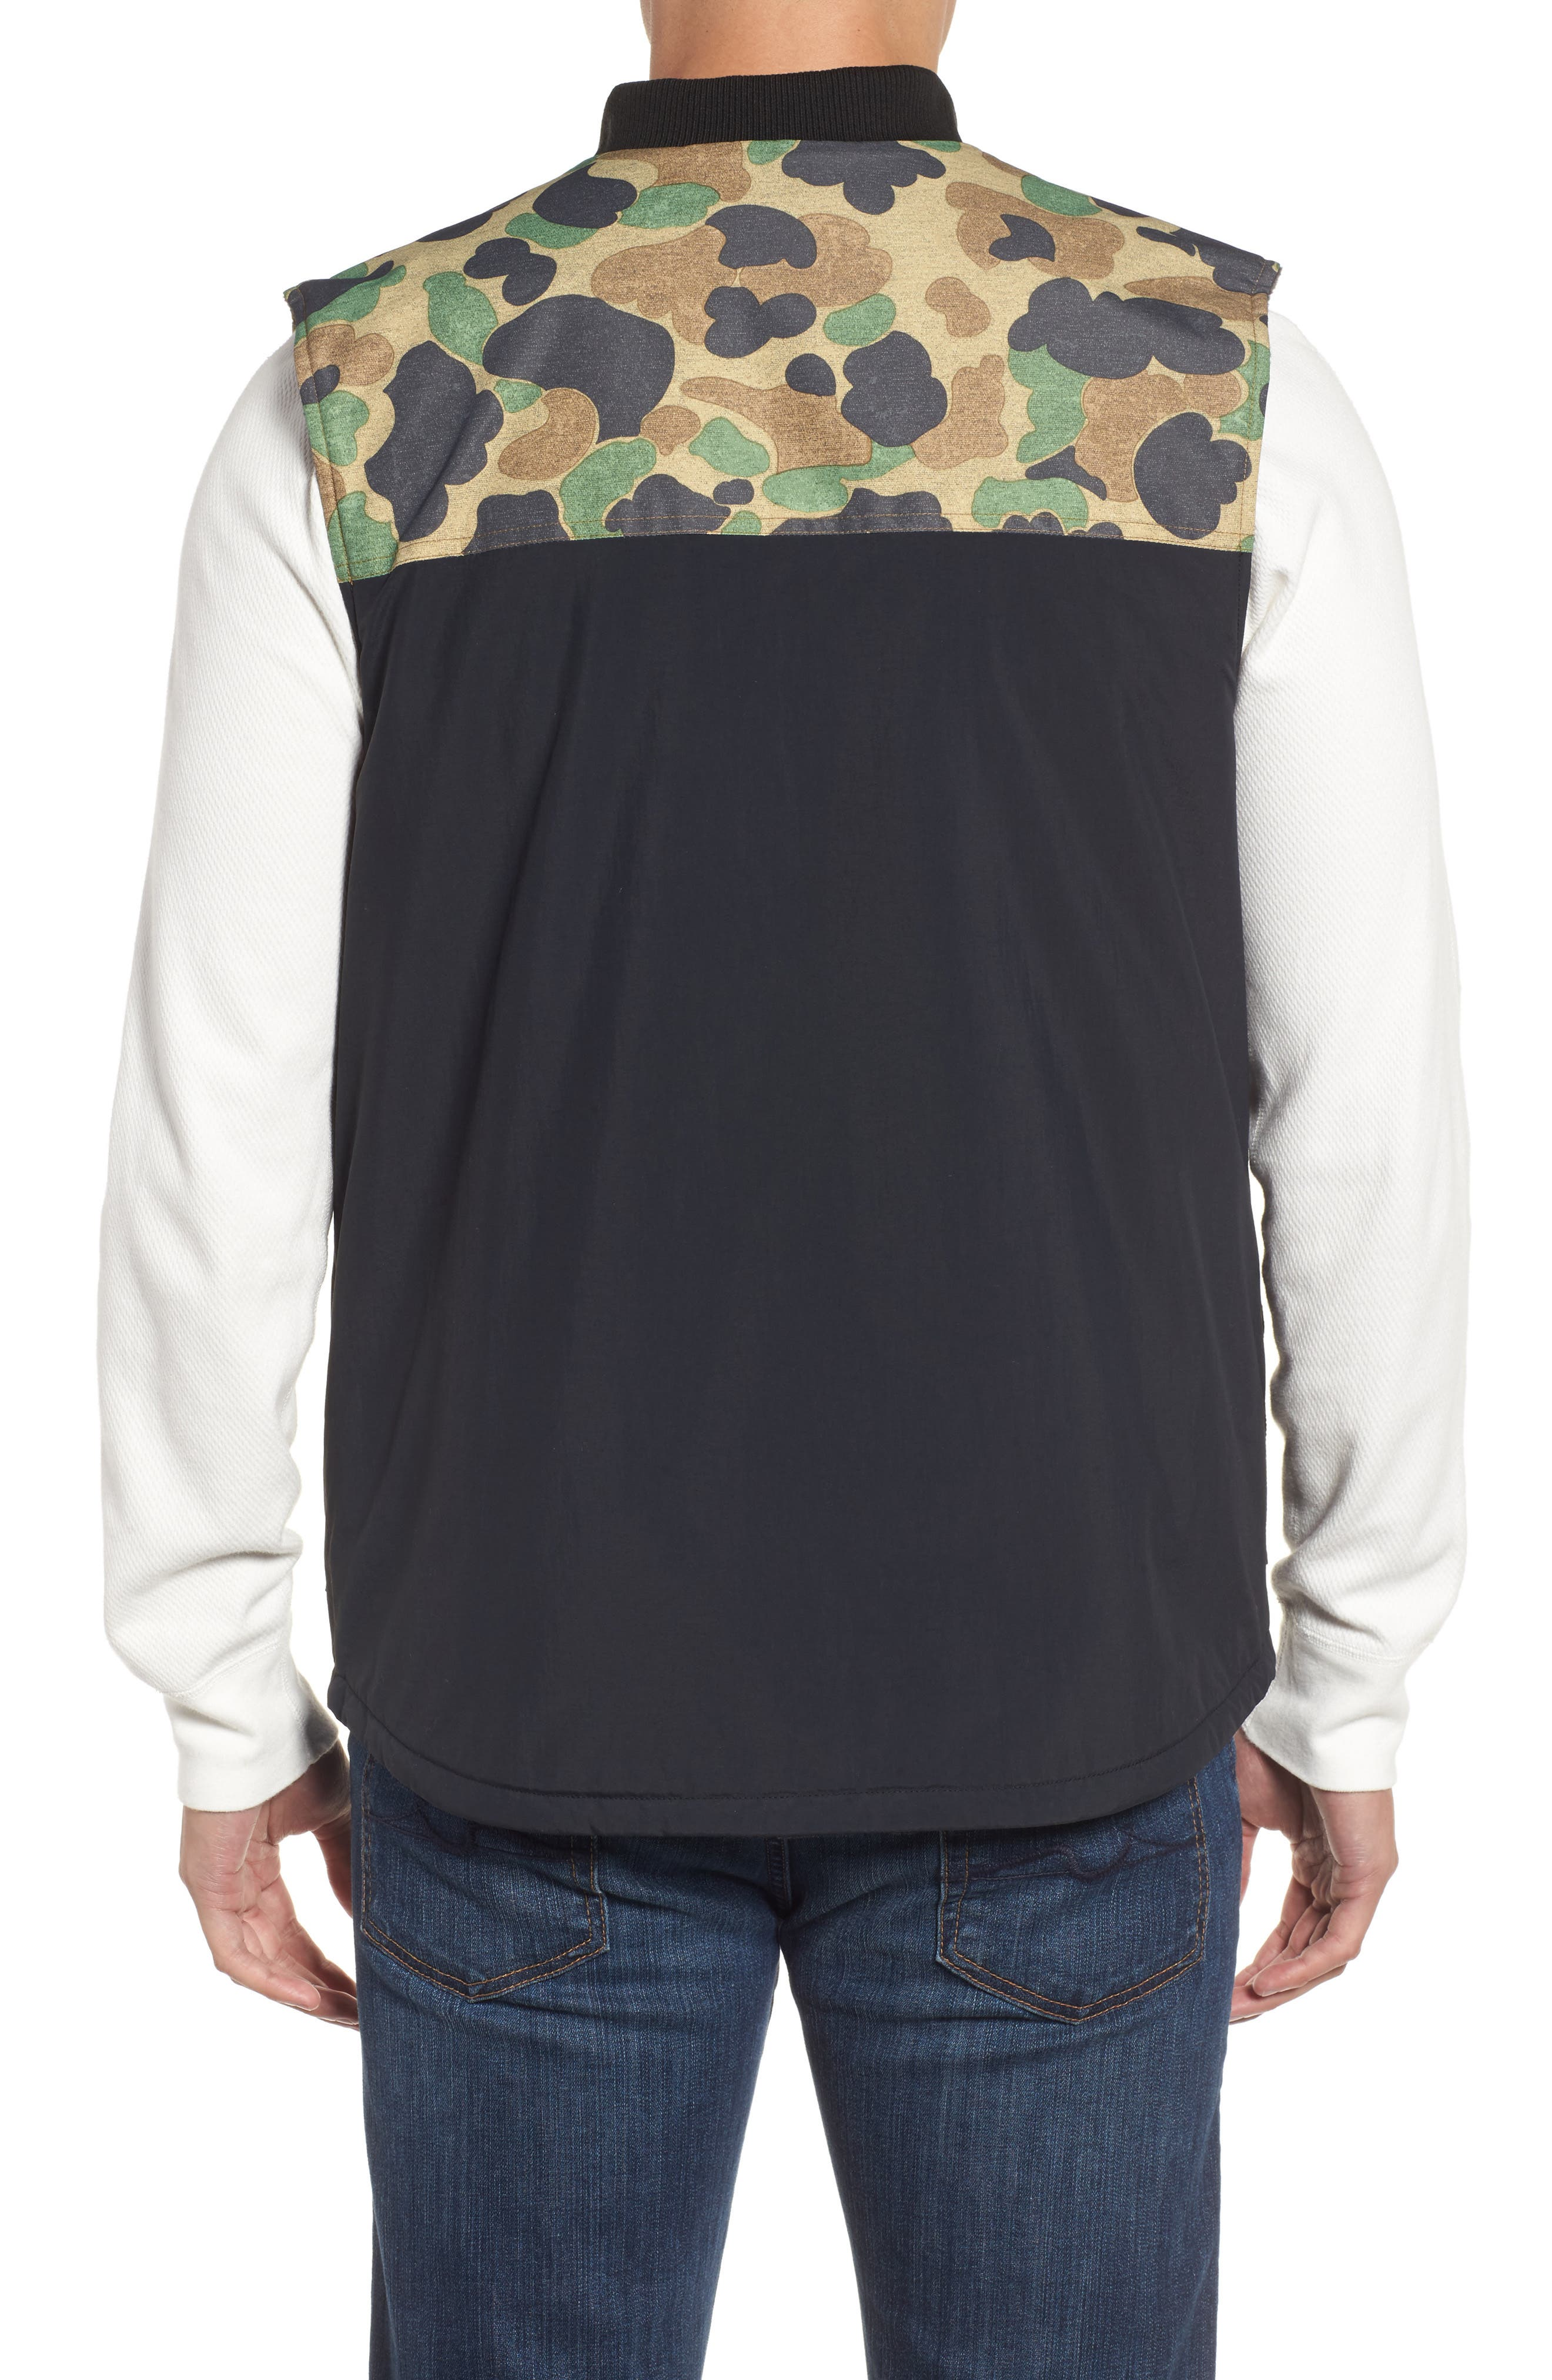 Reversatility Vest,                             Alternate thumbnail 2, color,                             001